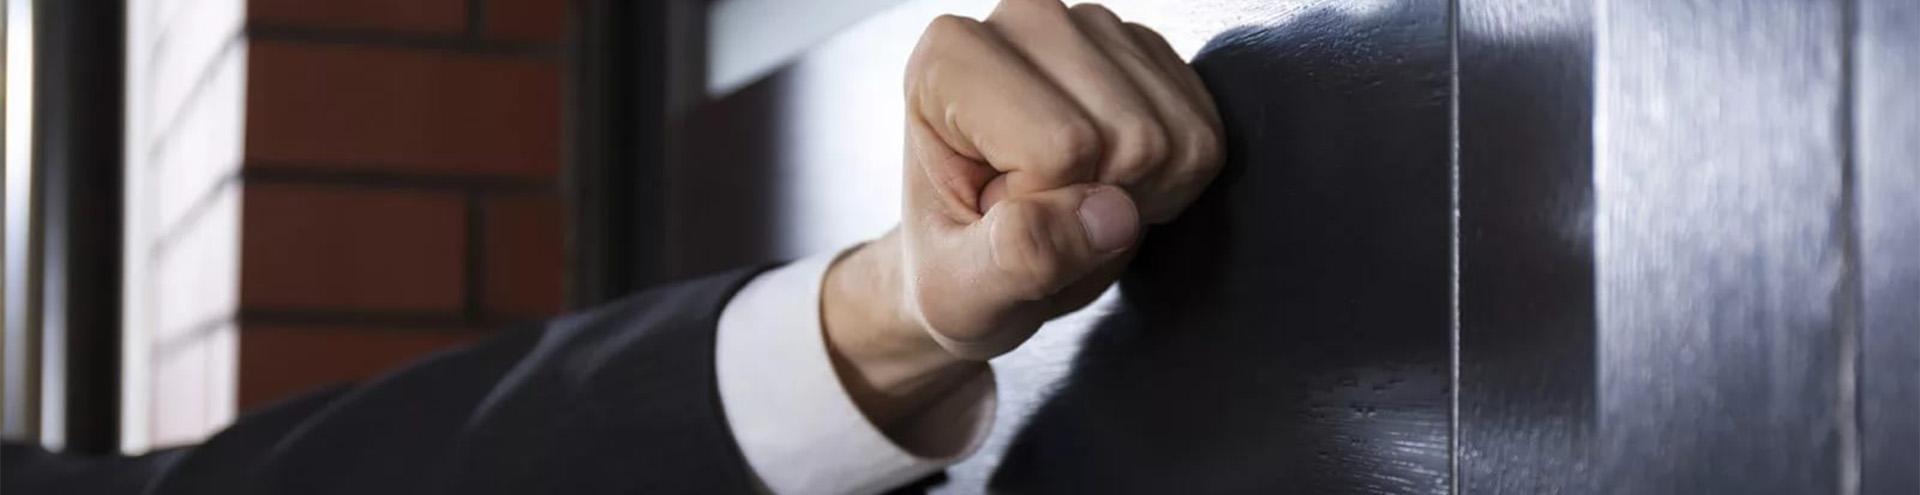 защита заемщика от коллекторов в Ярославле и Ярославской области